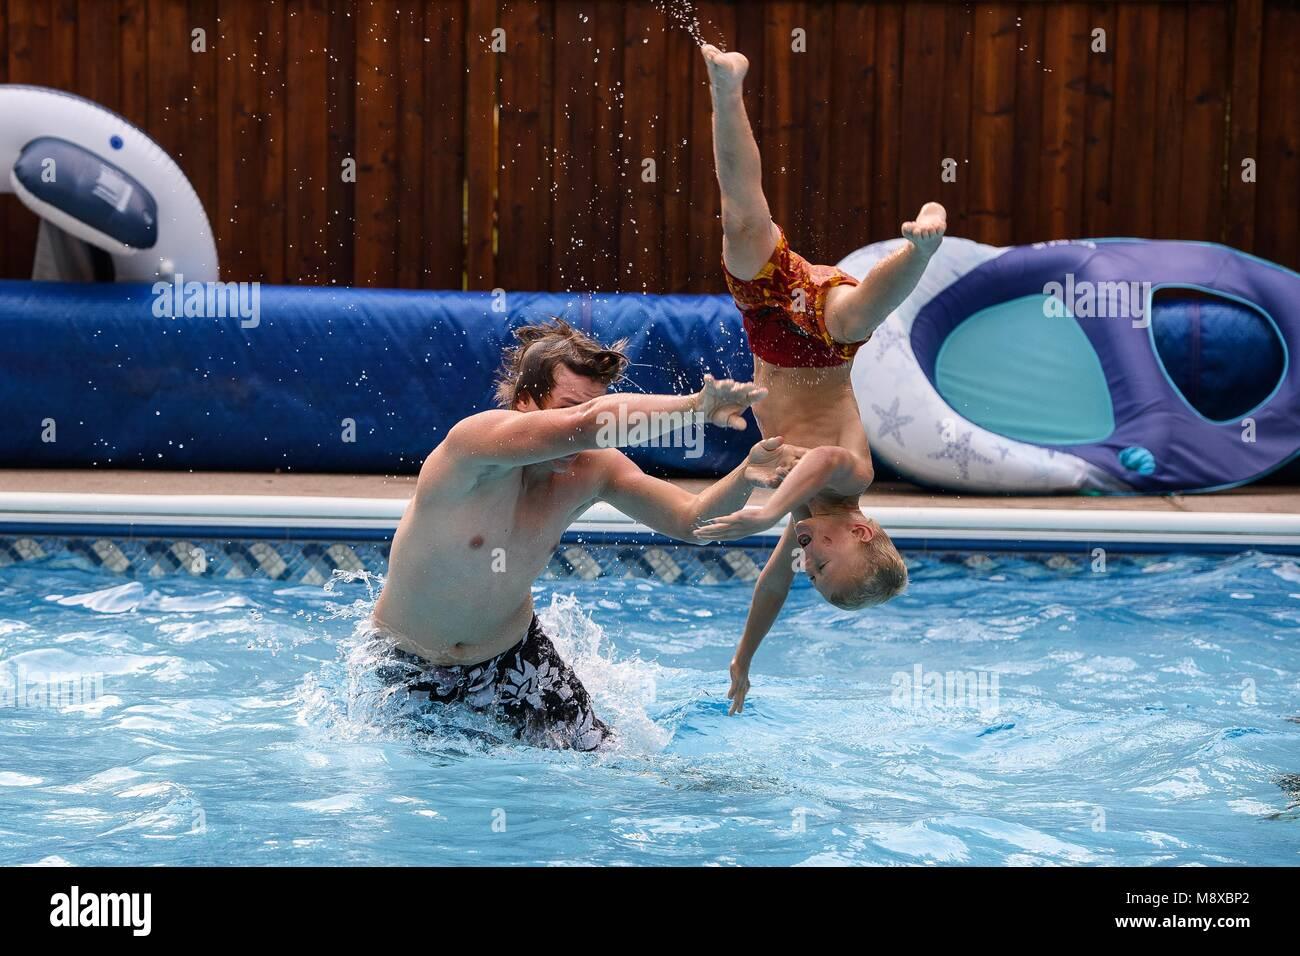 Deux garçons jouant dans la piscine un jour d'été Banque D'Images